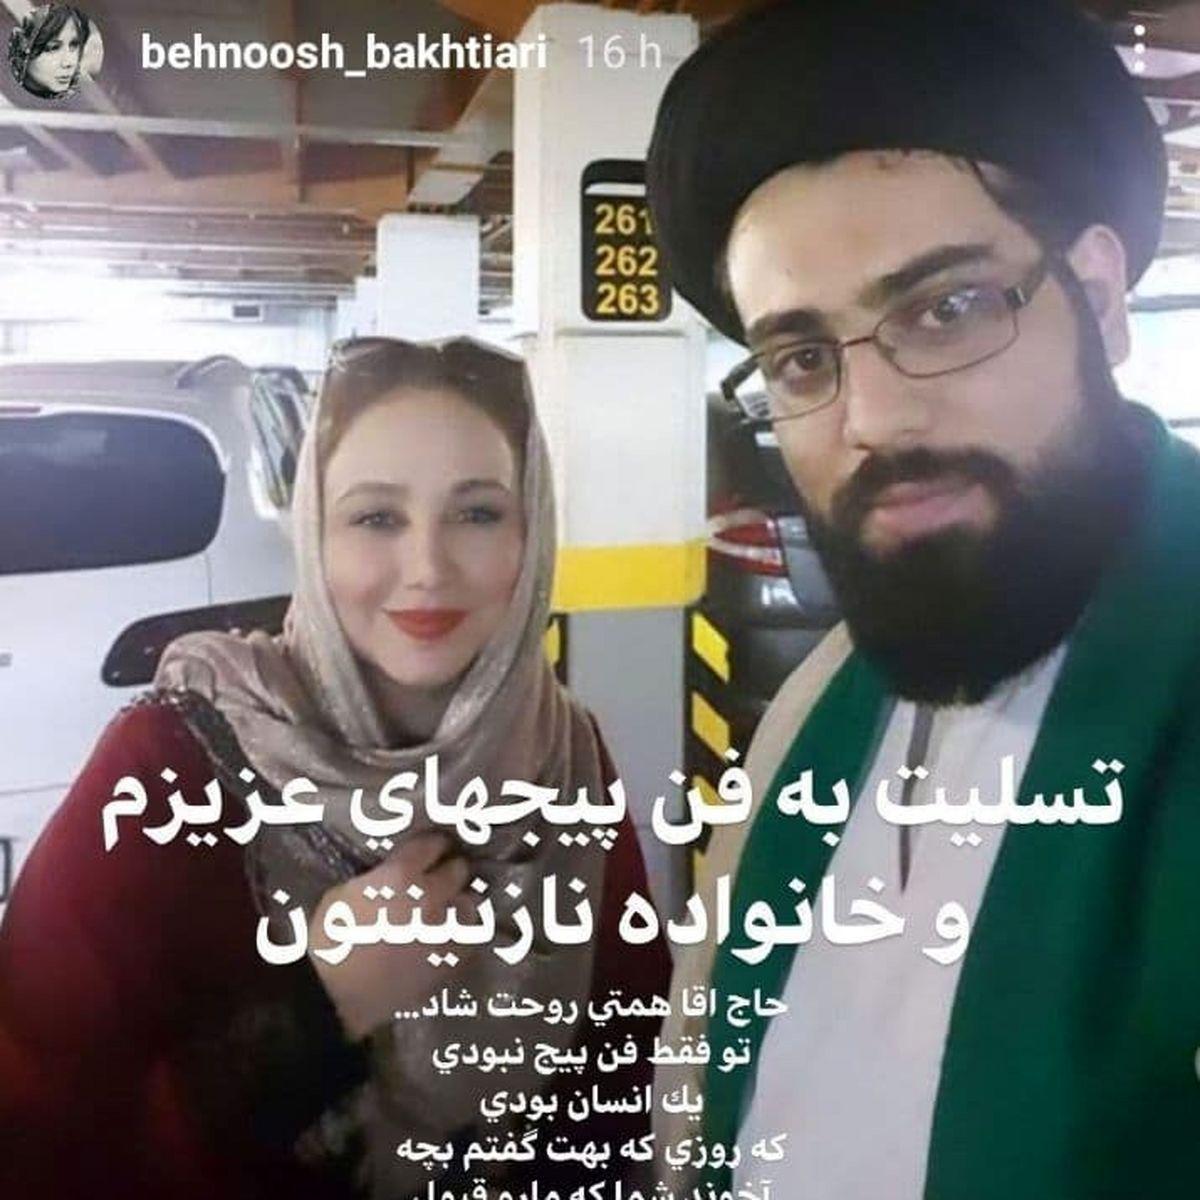 ادمین بهنوش بختیاری به قتل رسید + عکس